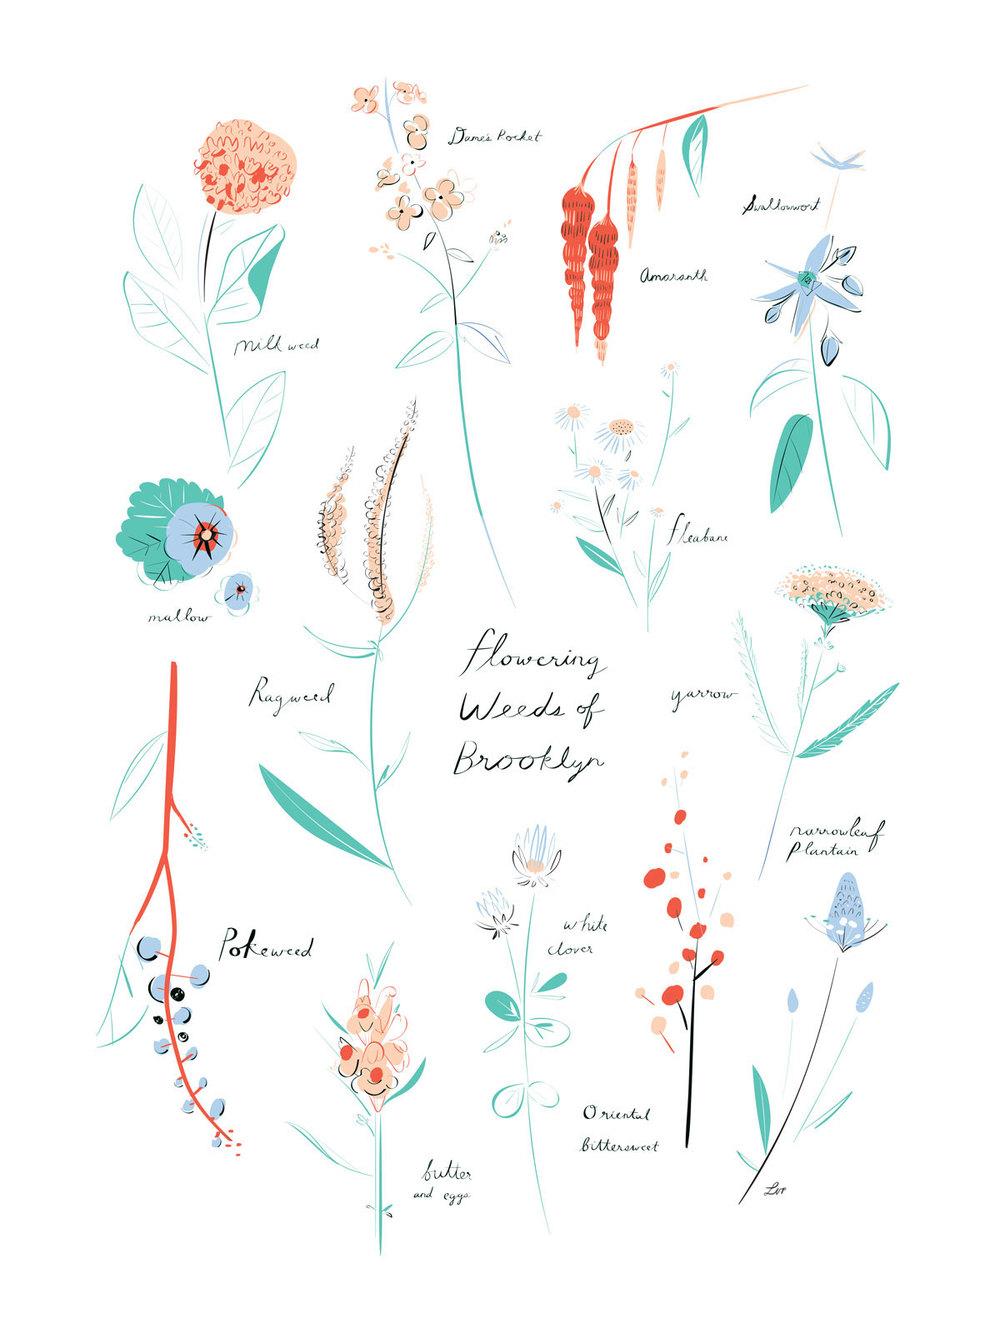 floweringweedsofbrooklyn_libbyvanderploeg